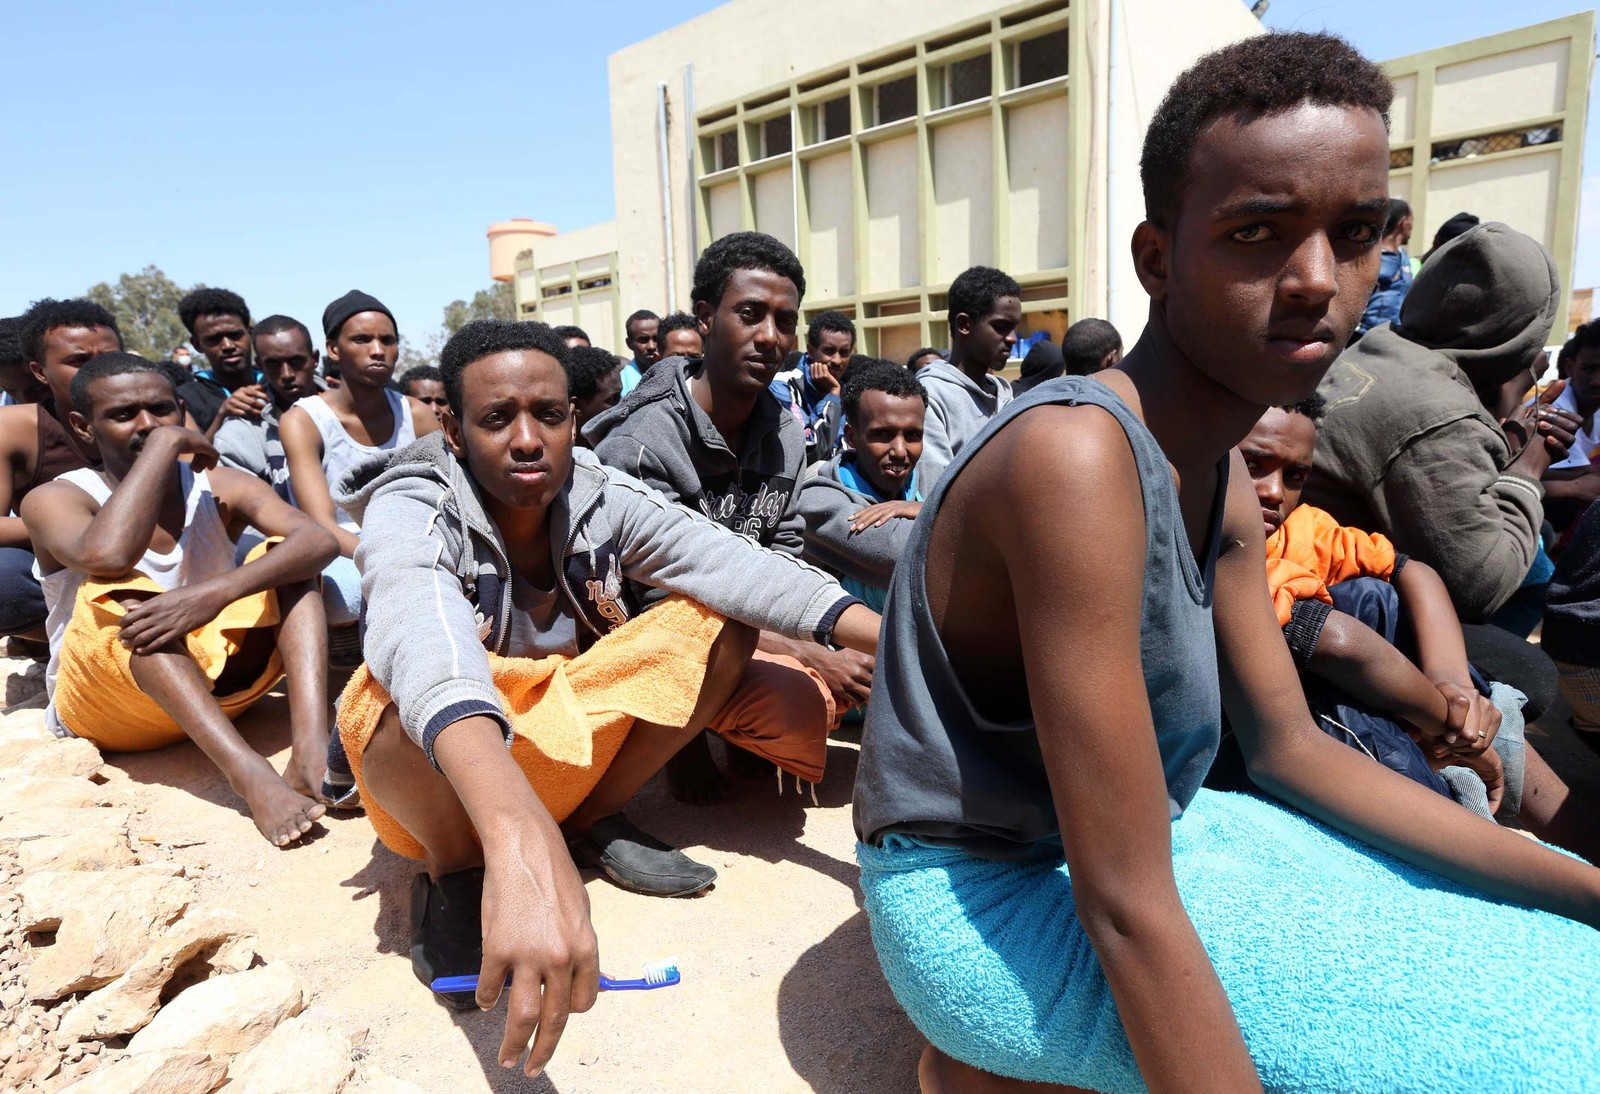 Flyktninger fra land sør for Sahara venter i Misrata 15. april 2015 etter at båten de forsøkte å krysse Middelhavet i, ble stanset av den libyske kystvakten.